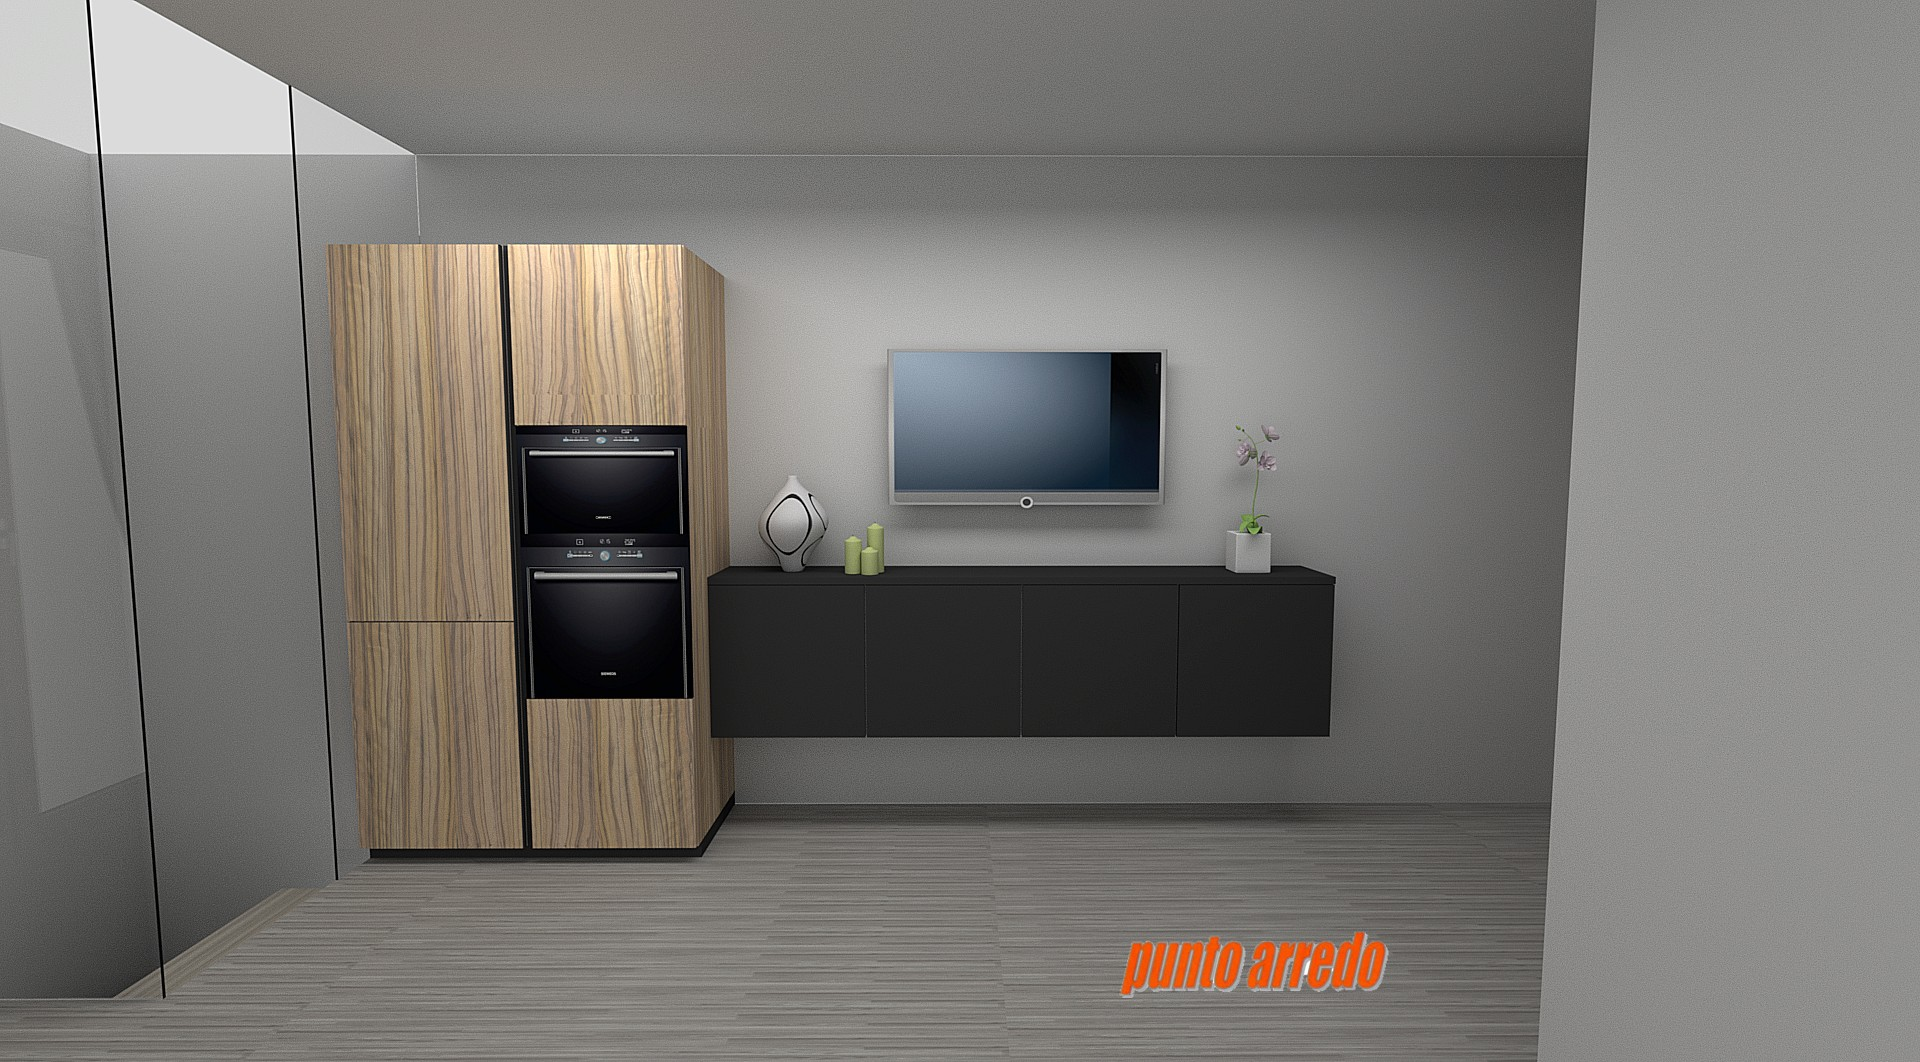 progettazione-cucine-lube-7